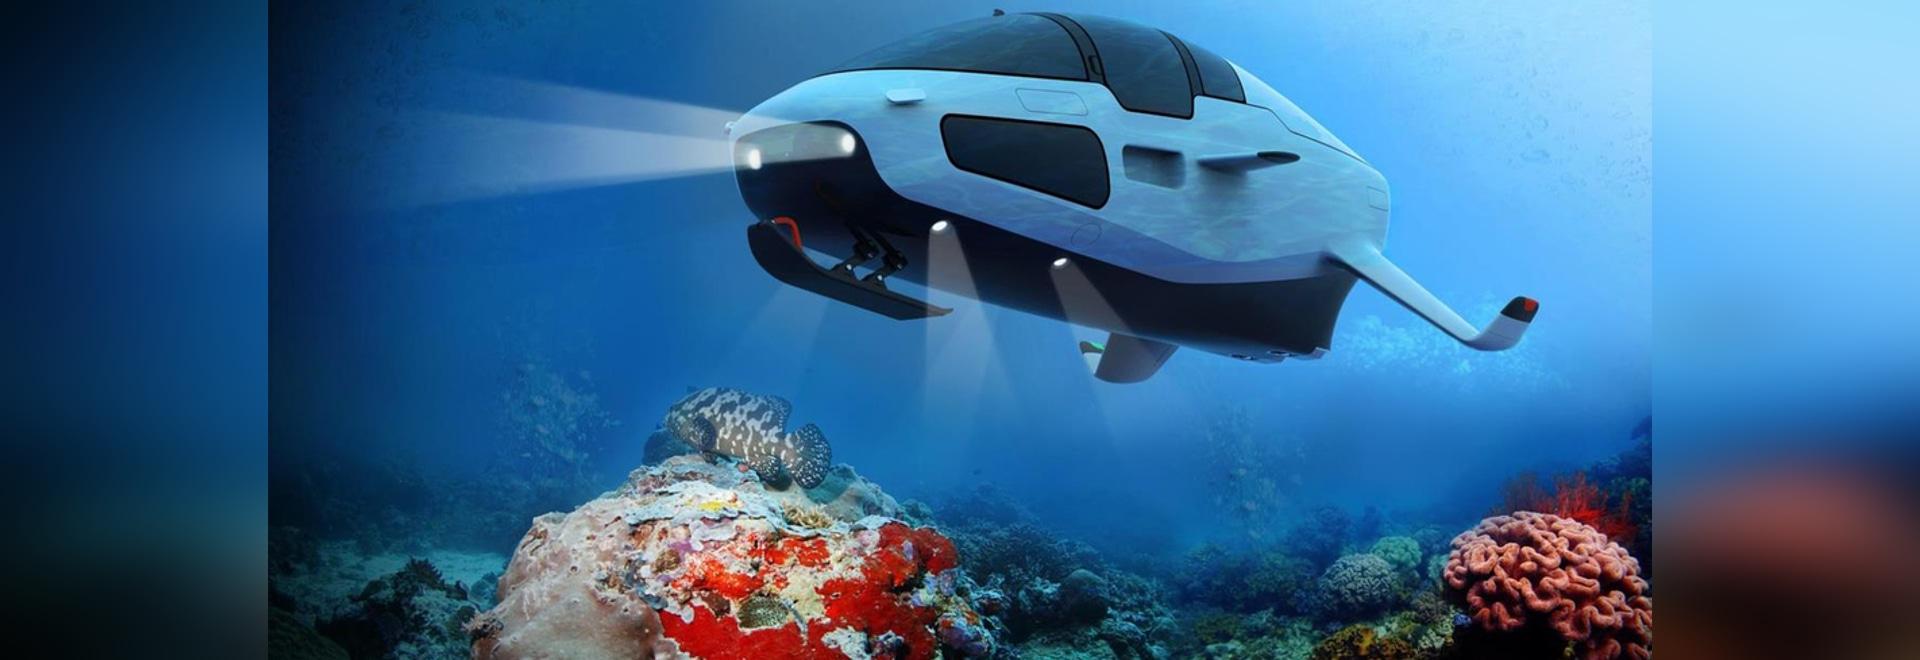 Giocattolo del mese: Deepseaker DS1 è la prova che anche un sottomarino ha bisogno di lamine